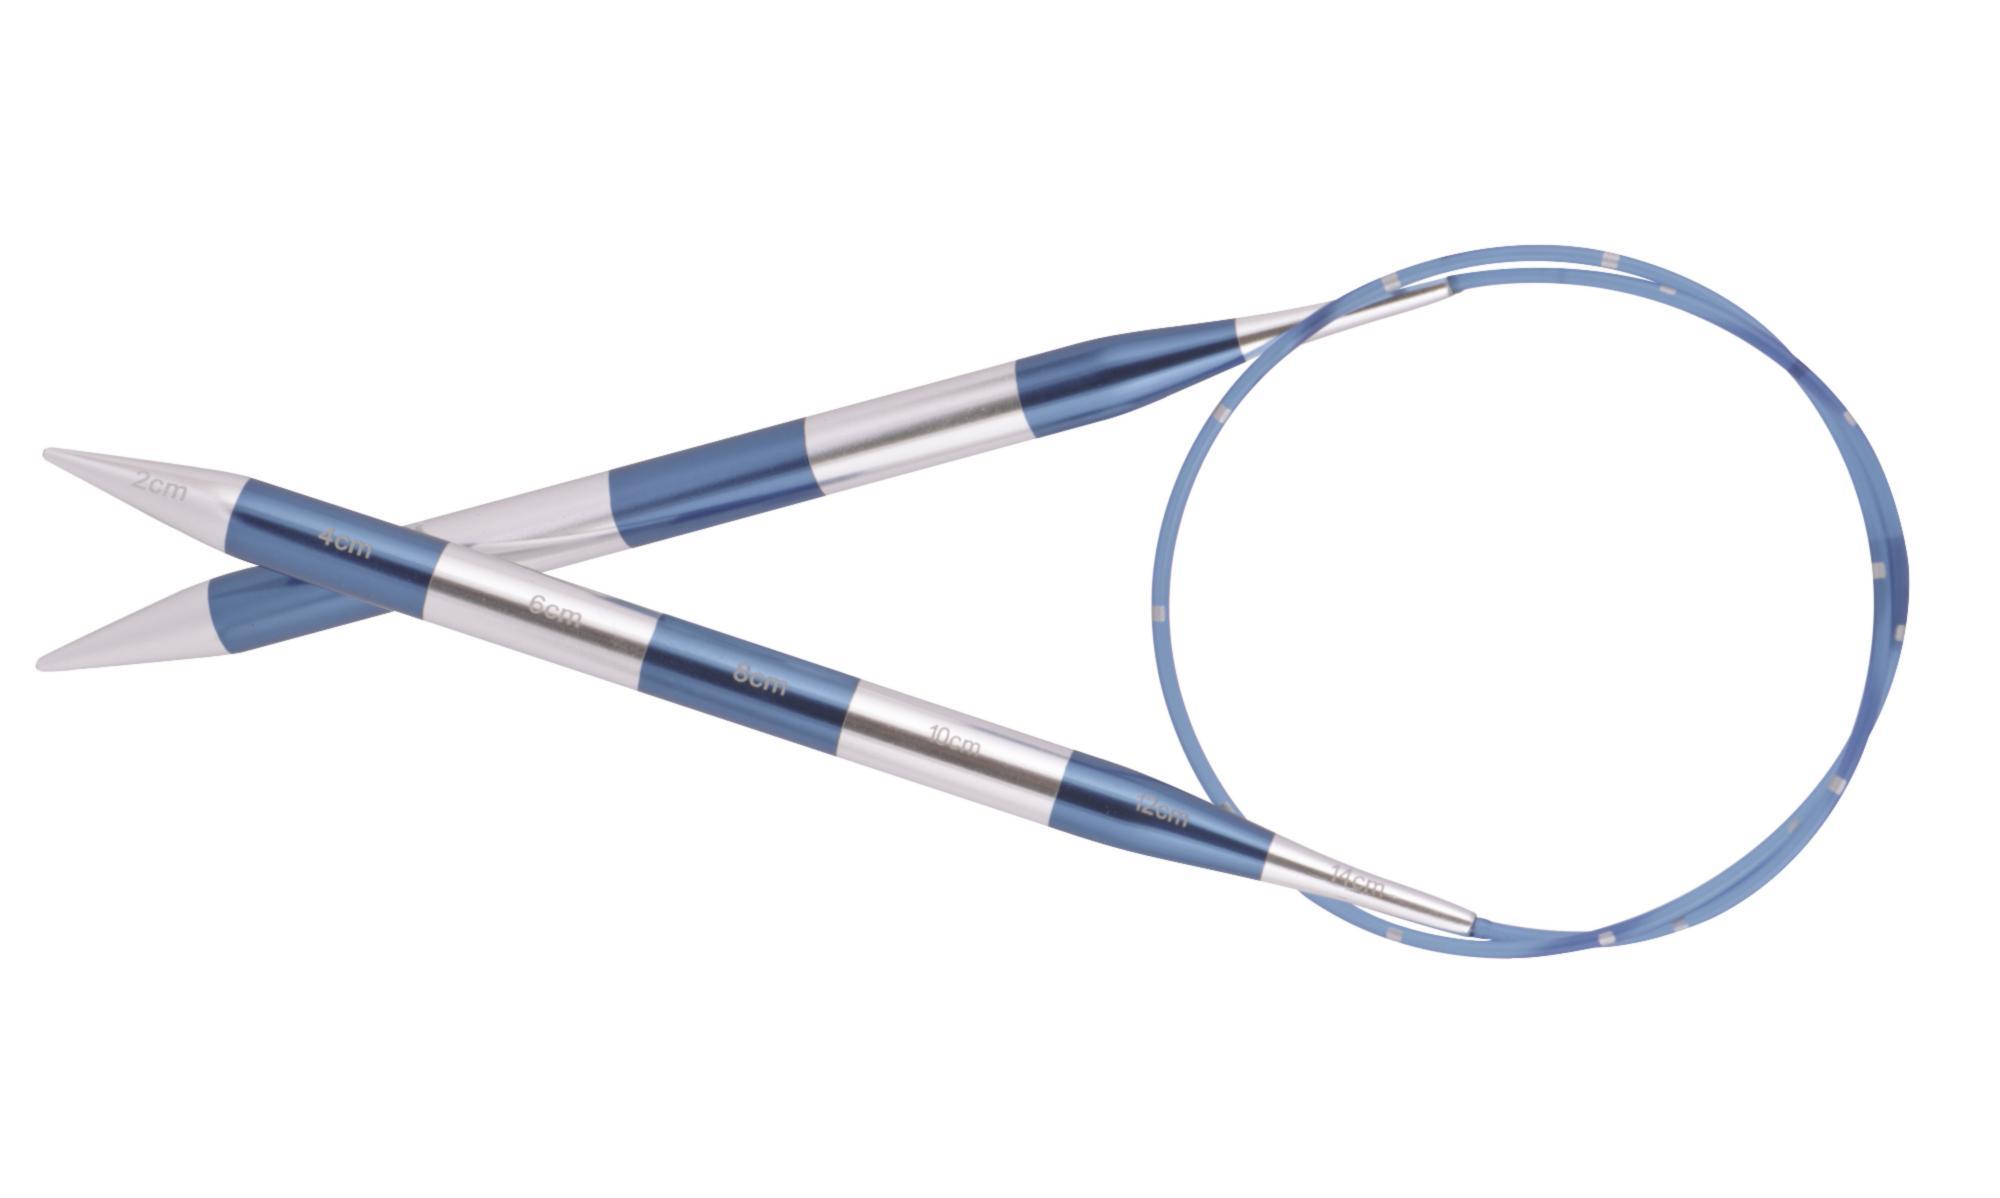 42063 Спицы круговые 2.50 мм - 60 см Smartstix KnitPro